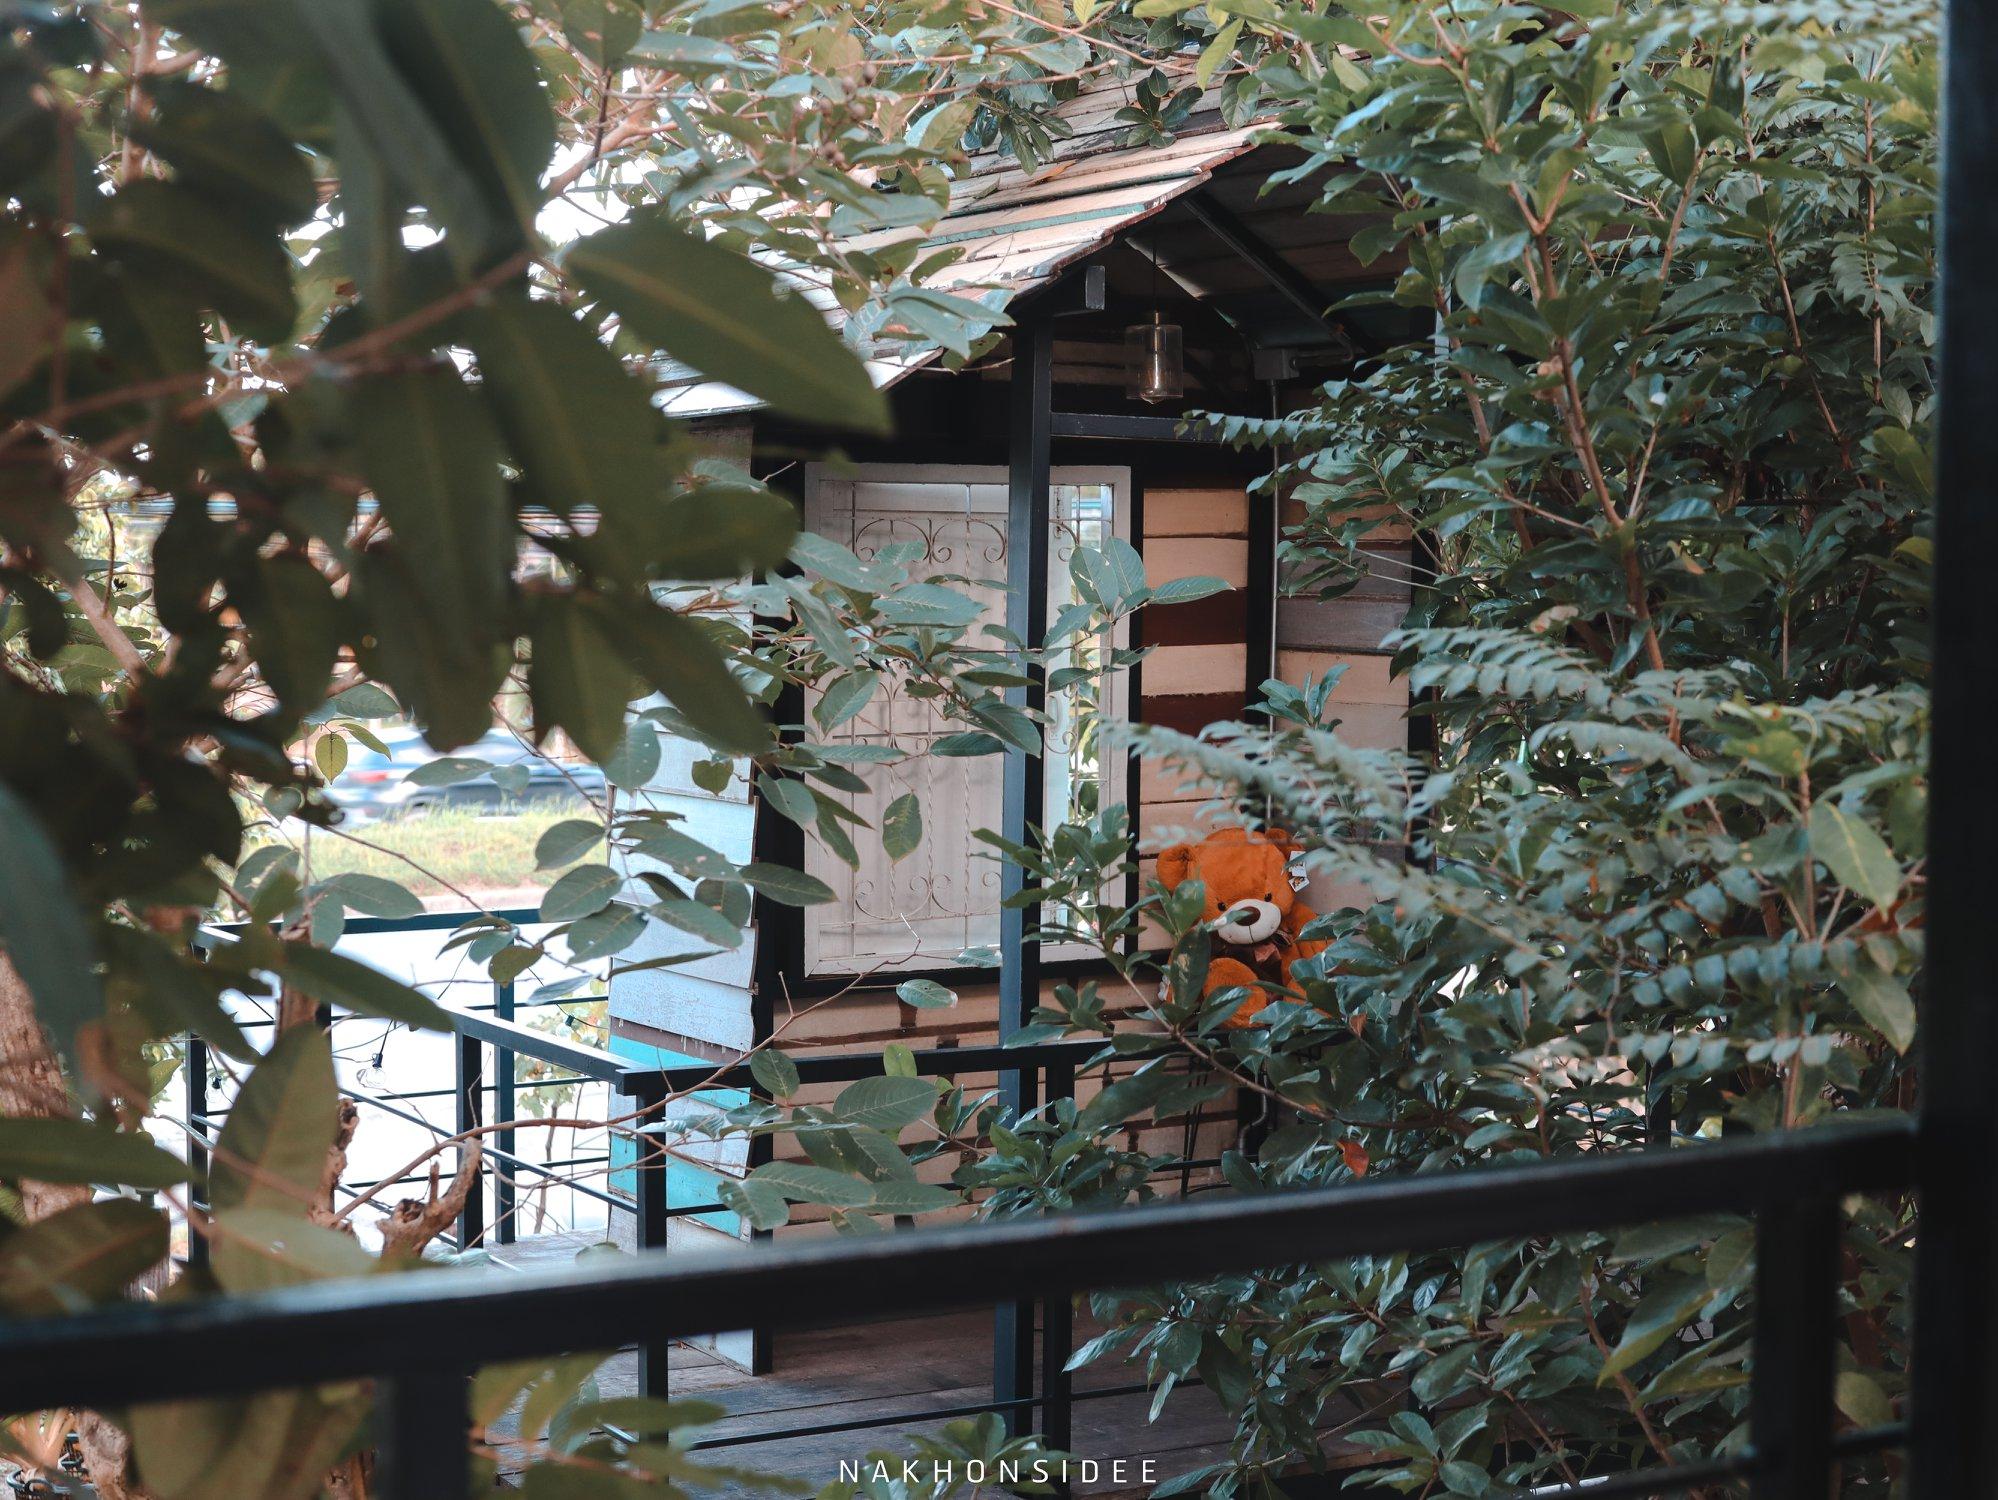 โซนบ้านต้นไม้-จะเป็นบ้านต้นไม้ชั้น-2-เป็นหอคอยให้ขึ้นไปถ่ายรูปได้งับ  treestation,ร้านอาหาร,คาเฟ่,กลางป่า,อร่อย,ของกิน,นครศรีธรรมราช